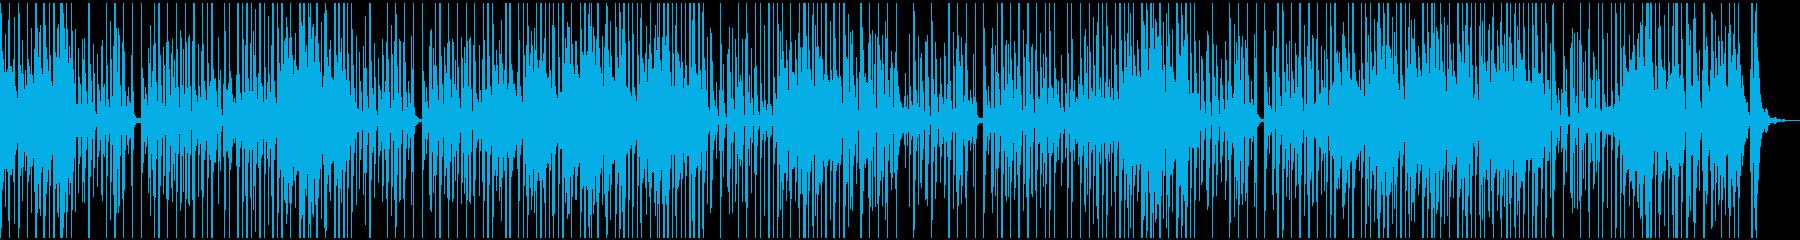 ほのぼの、可愛い感じのBGMの再生済みの波形